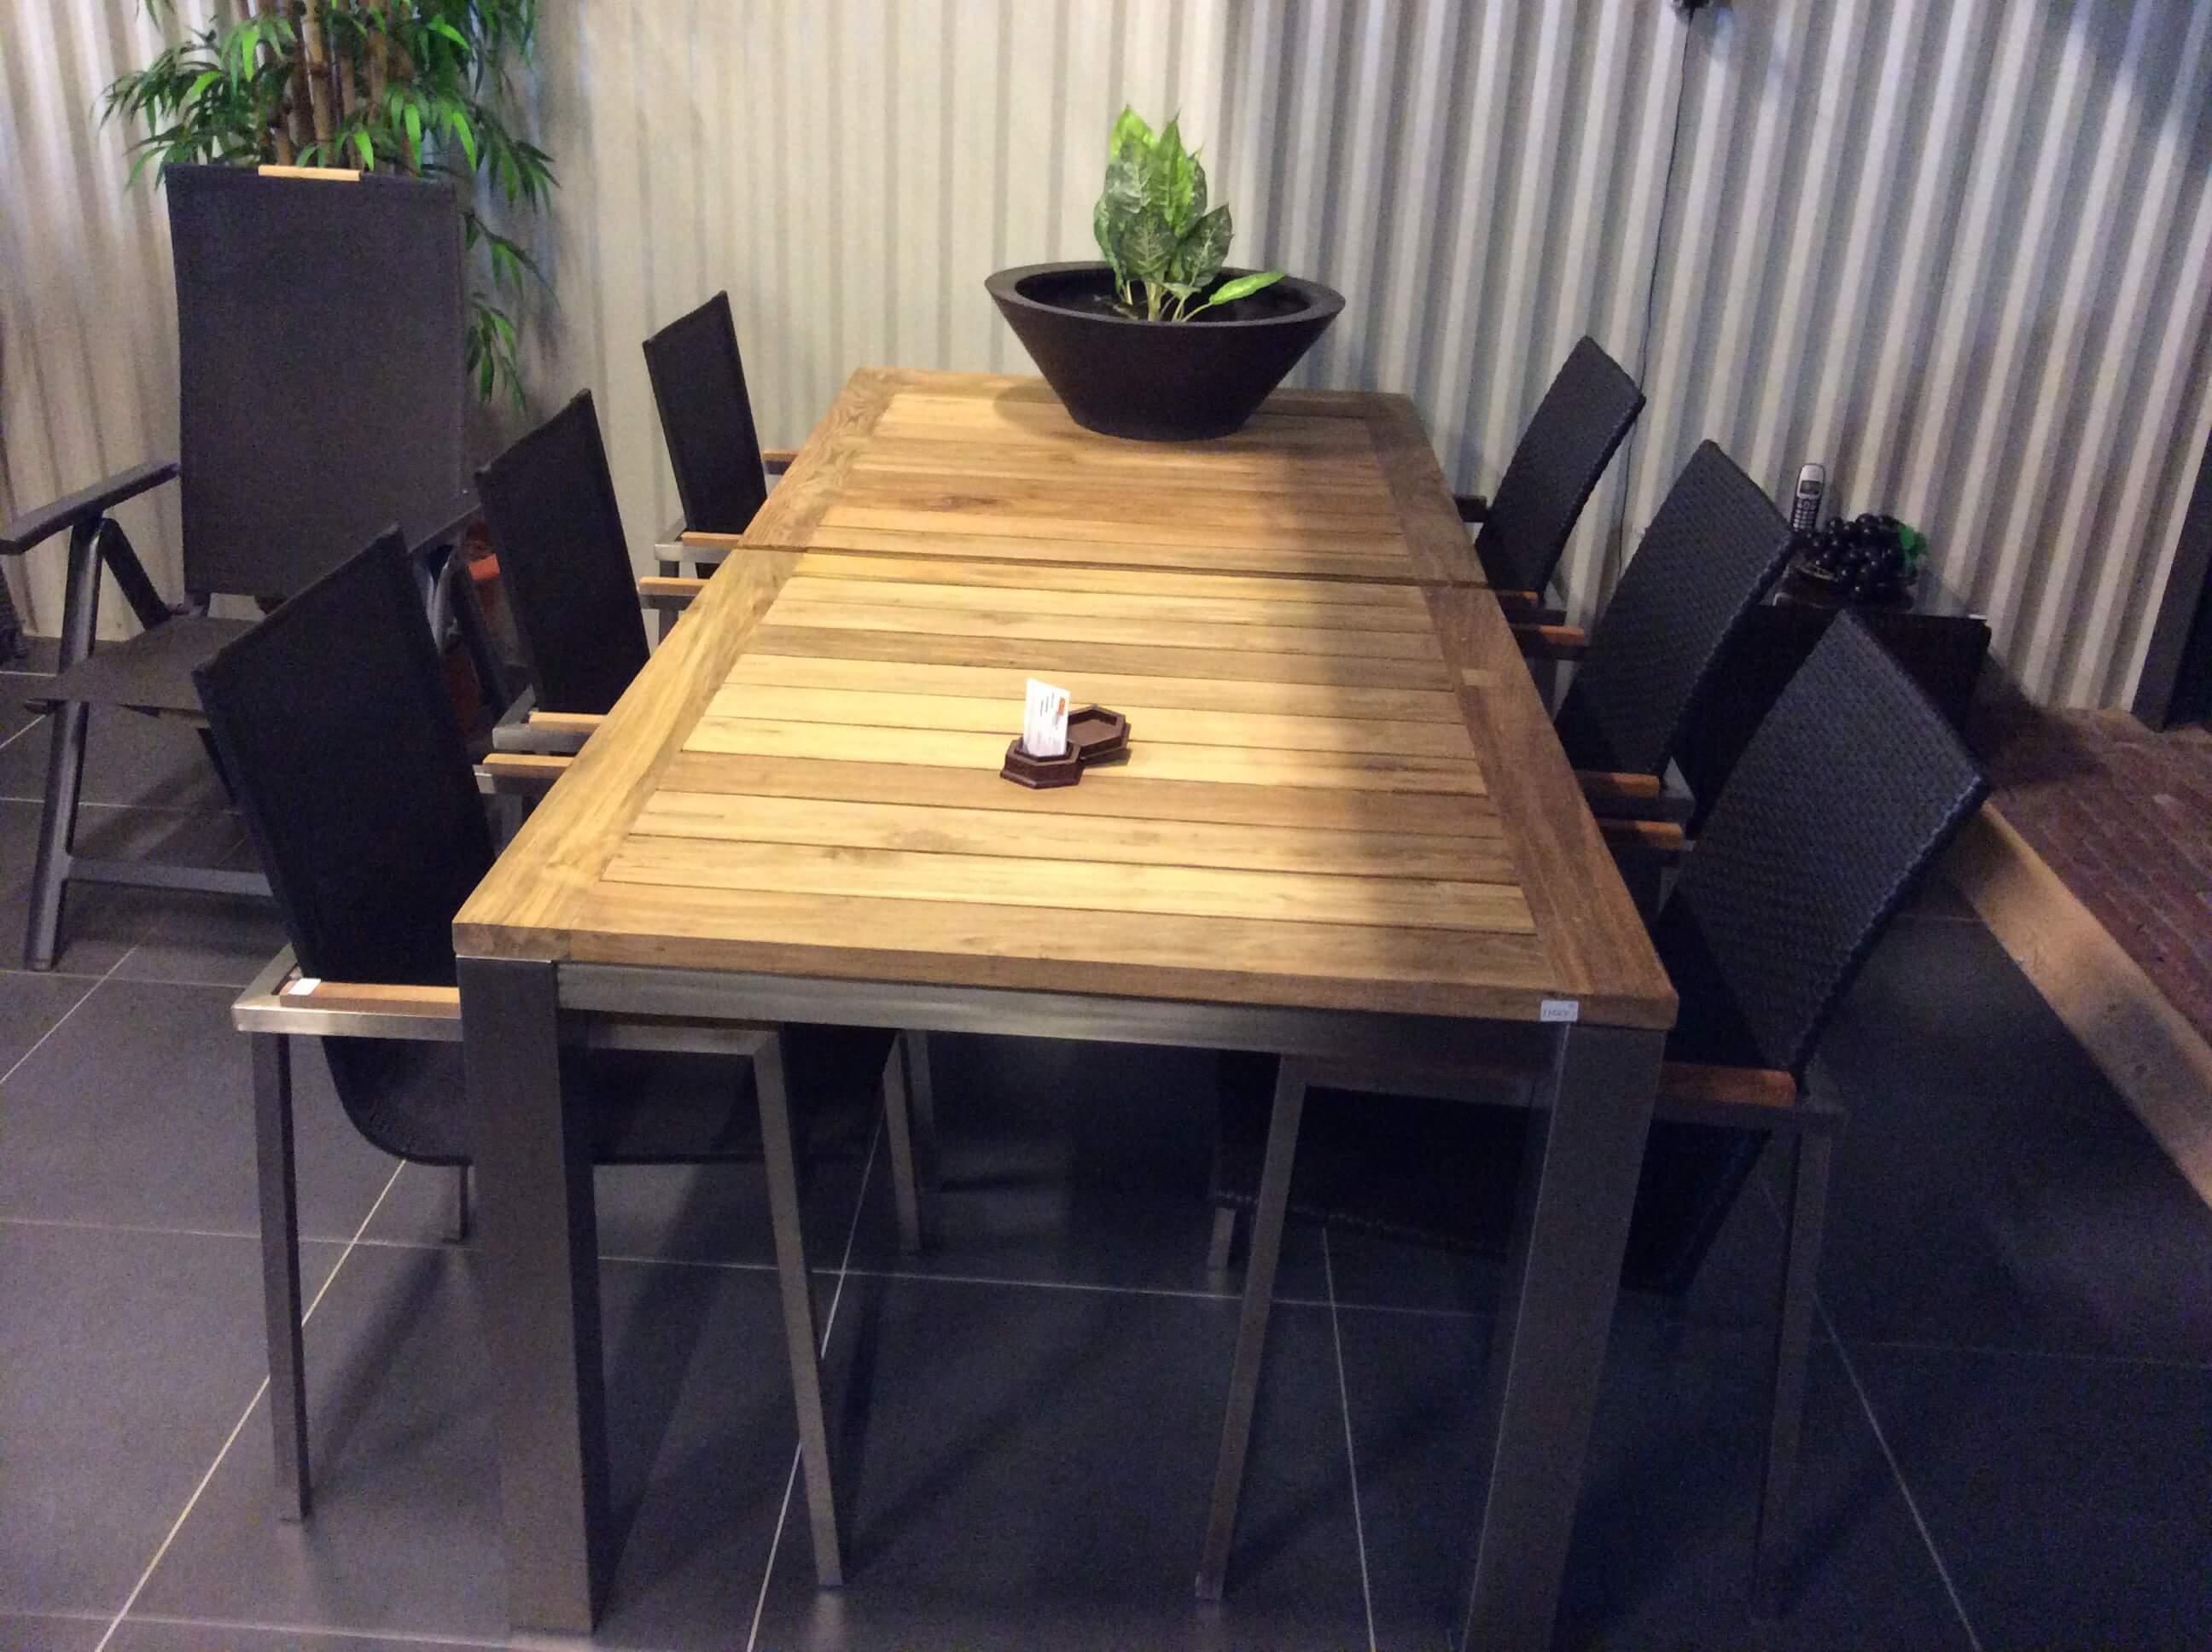 Rvs tuintafels tuintafel rvs rvs tafels voor in de tuin